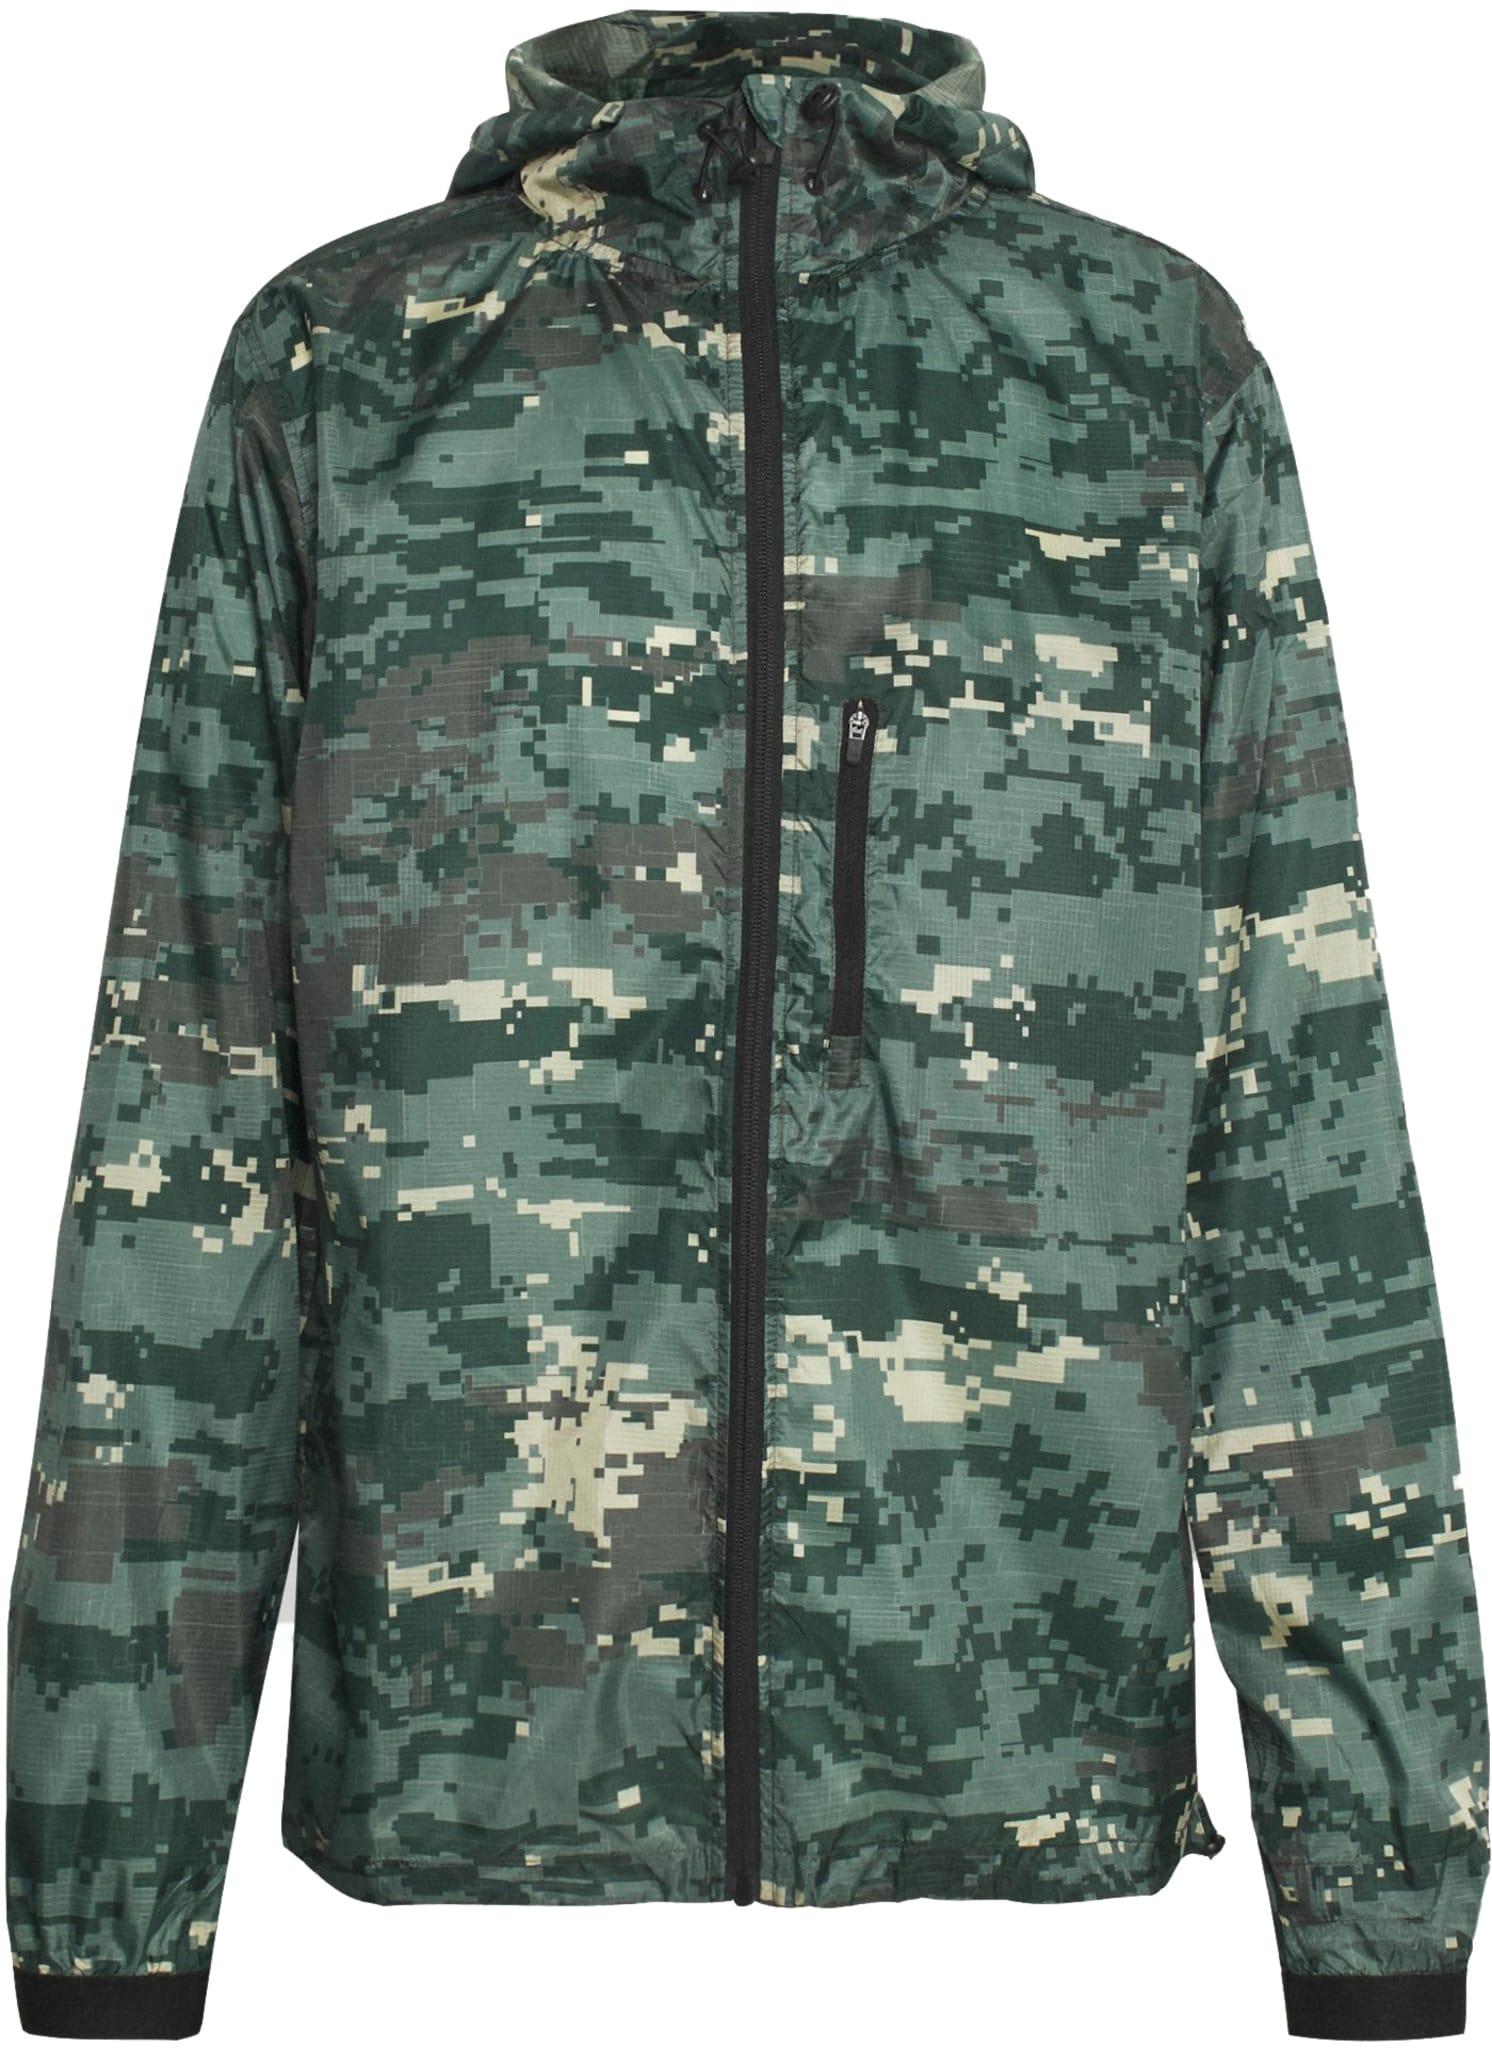 Borg Wind Jacket M